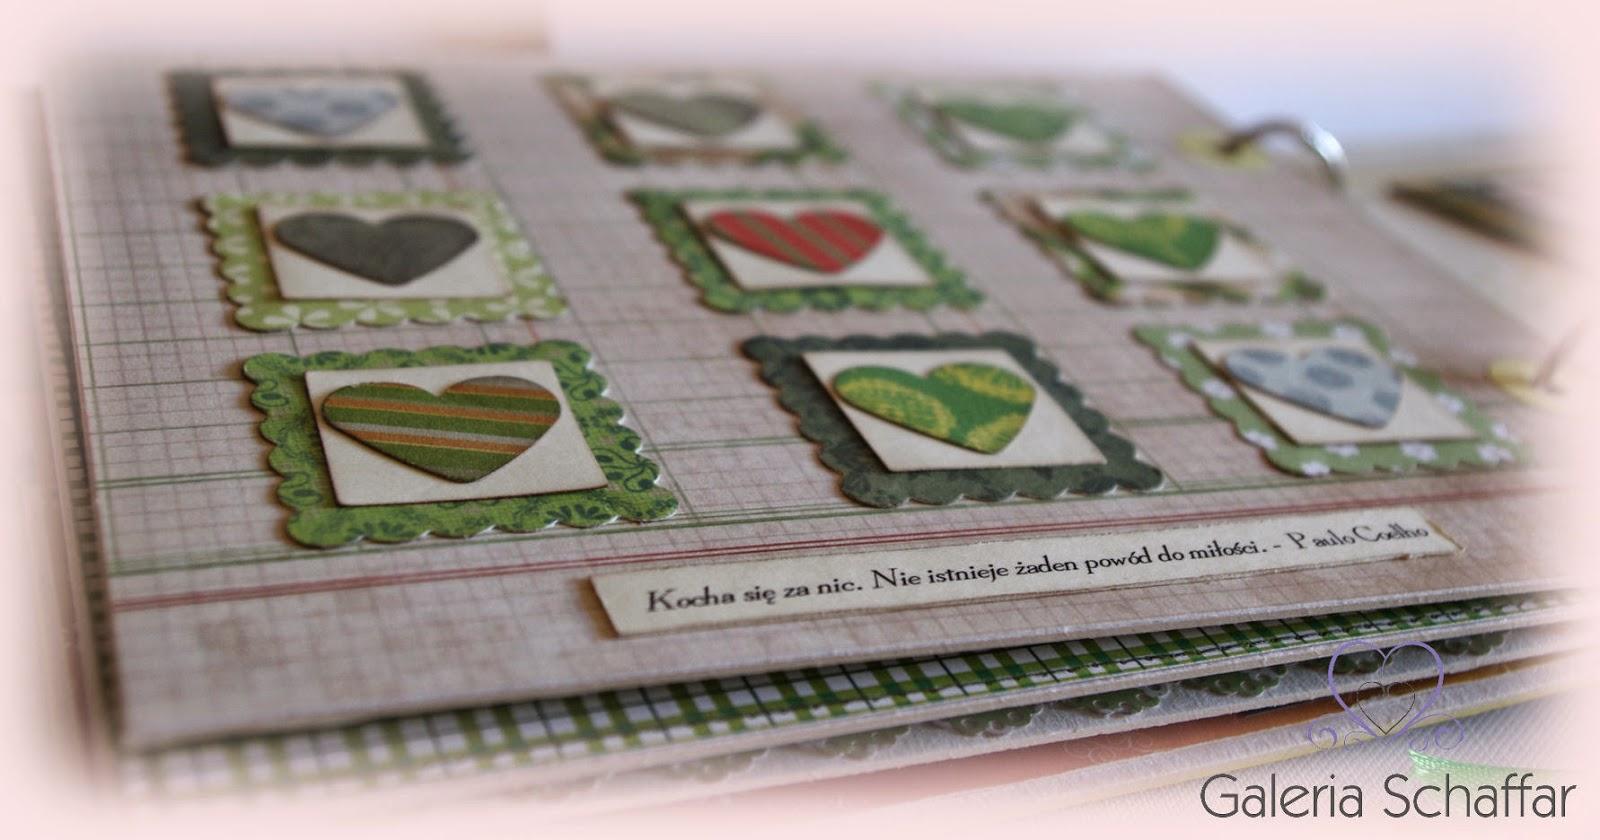 nietypowy album na zdjecia o miłości galeria schaffar papierowe rękodzieło wrocław